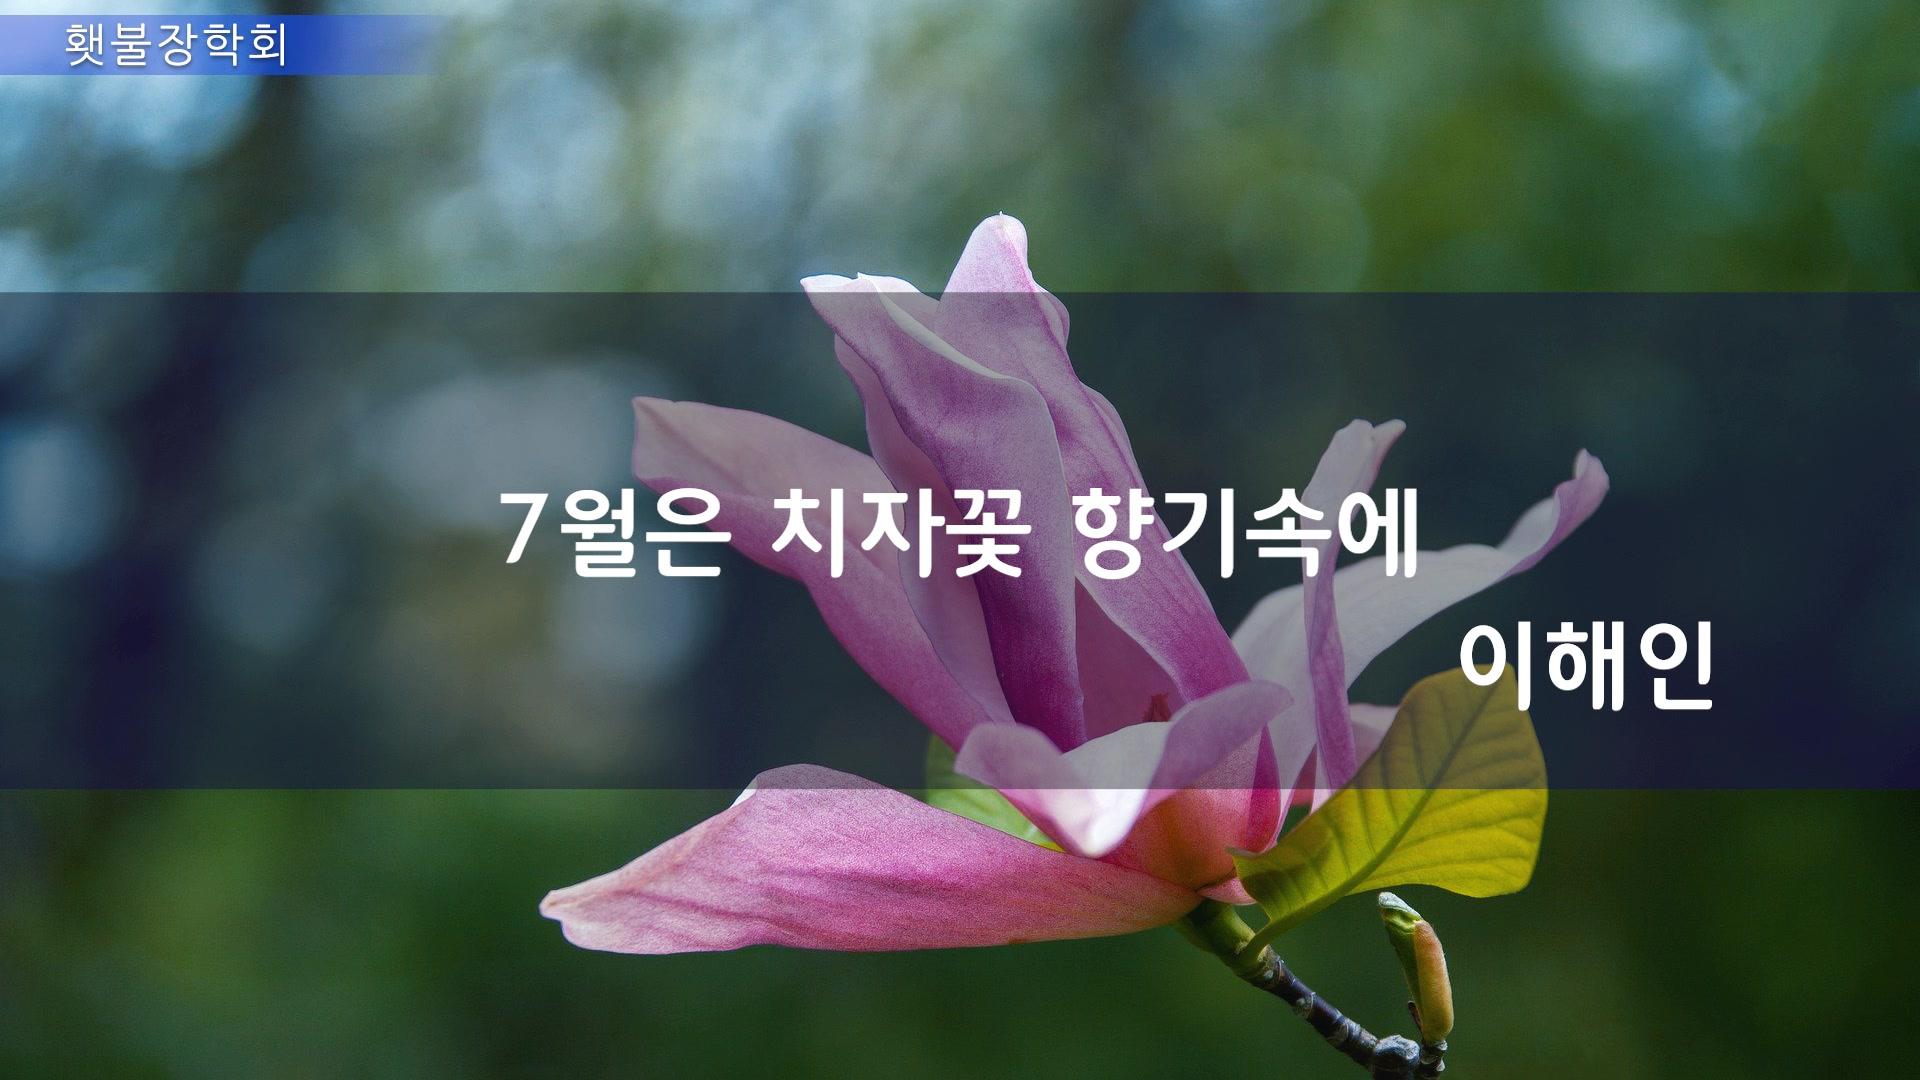 200701_7월편지_title.jpg